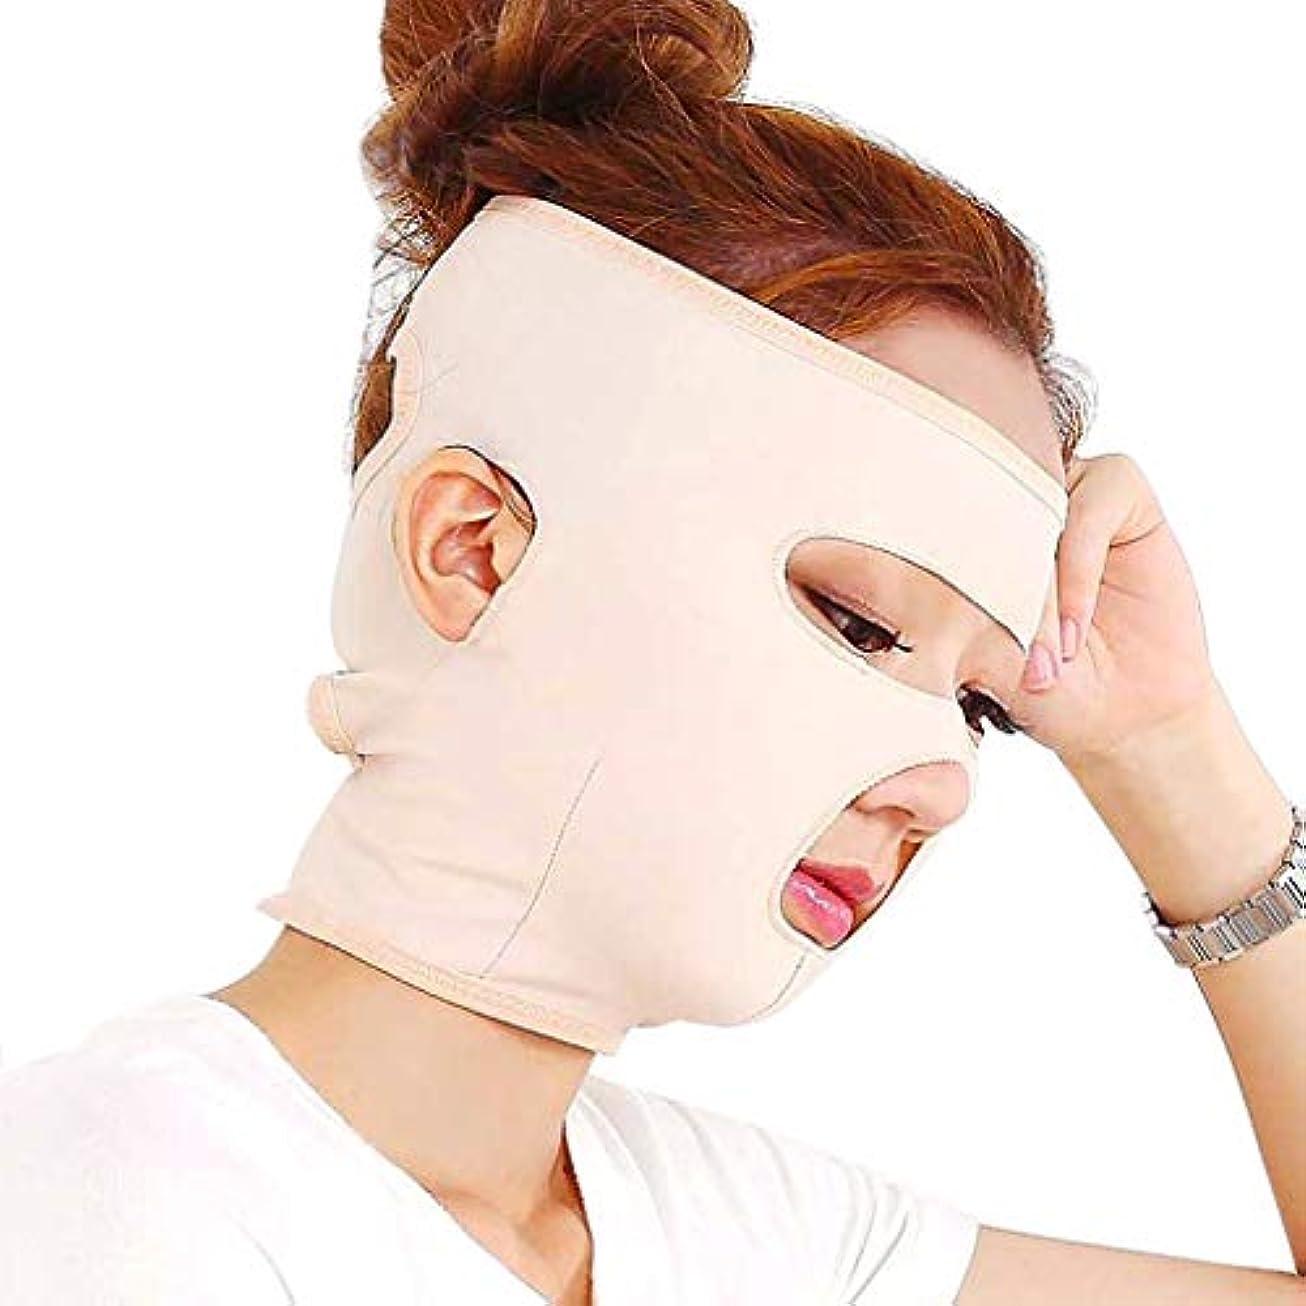 再びジャンクション夜間Jia He 軽量 薄い顔ベルト、抗シワ、薄い二重あごの睡眠美容矯正ベルトを高めるために、薄い顔の包帯V面アーティファクト ## (Size : M)